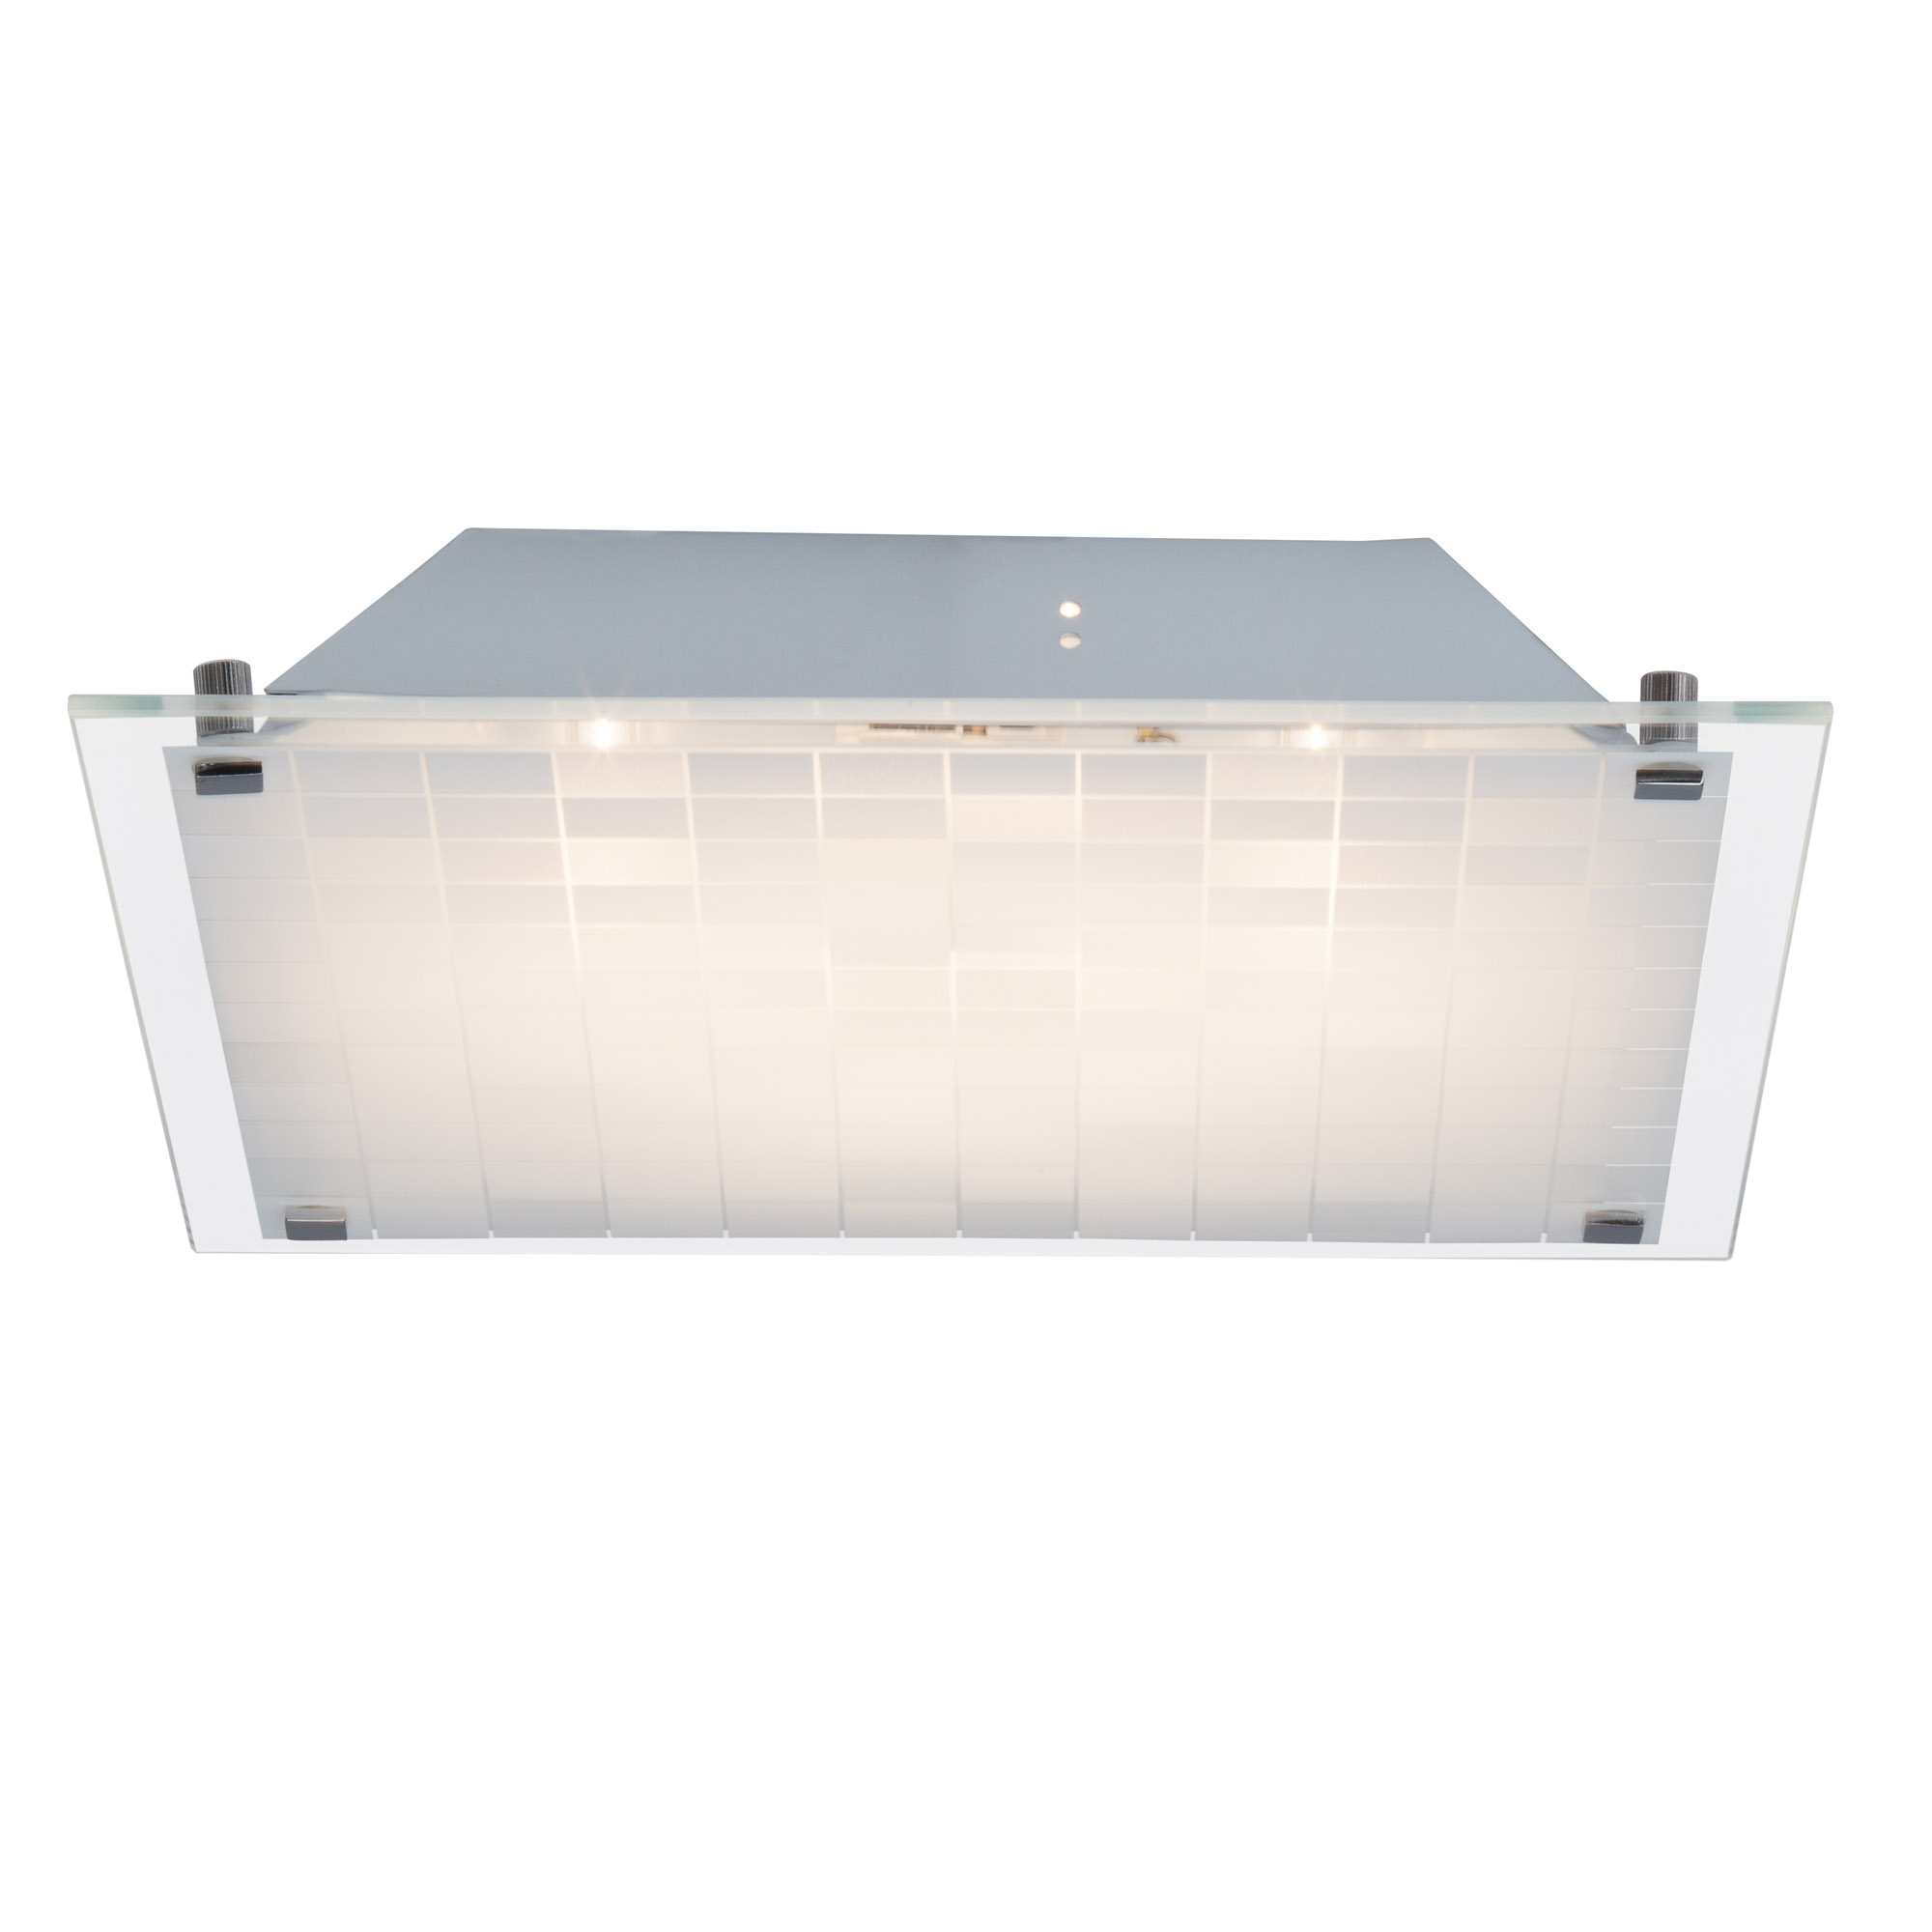 led wand und deckenleuchte quadratisch 30x30cm wei 10w 750lm 3000k warmwei metall glas. Black Bedroom Furniture Sets. Home Design Ideas